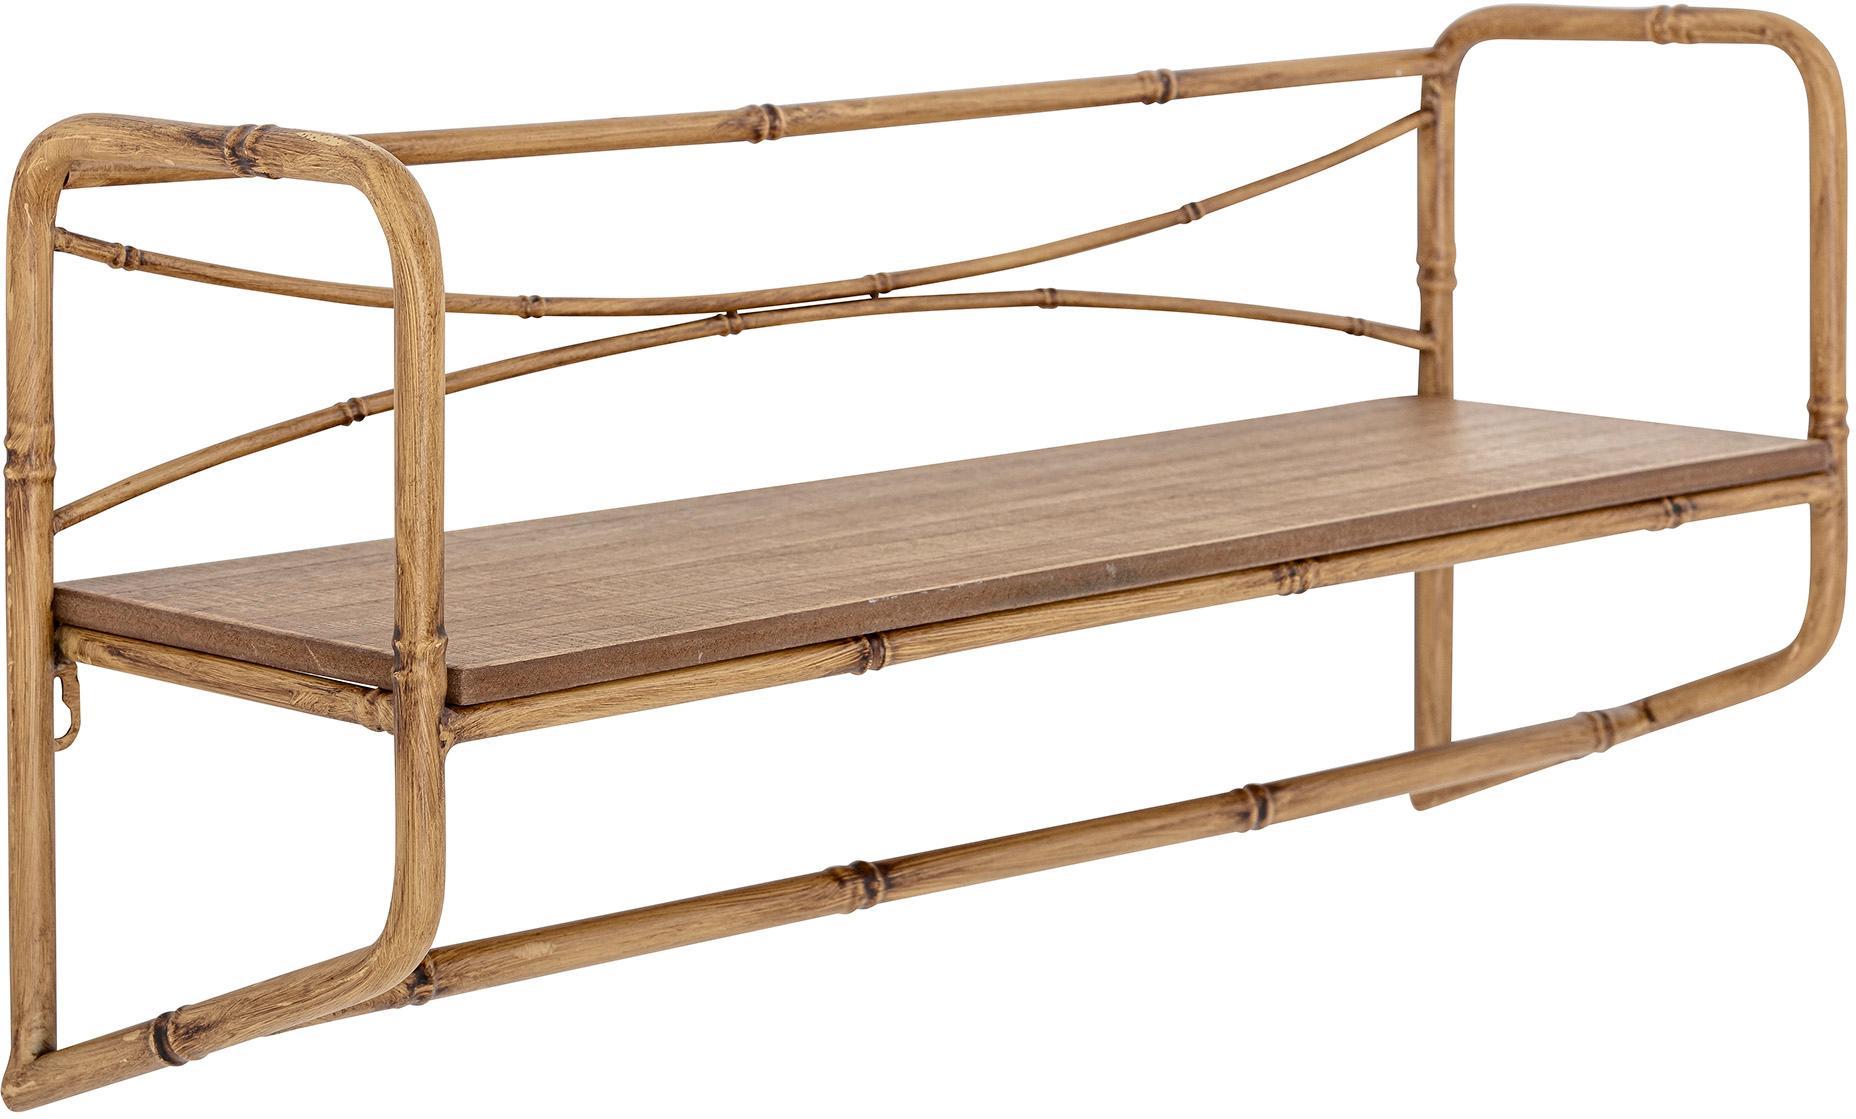 Bambus-Wandregal Rod, Gestell: Schilfrohr, Regalboden: Mitteldichte Holzfaserpla, Braun, 63 x 28 cm